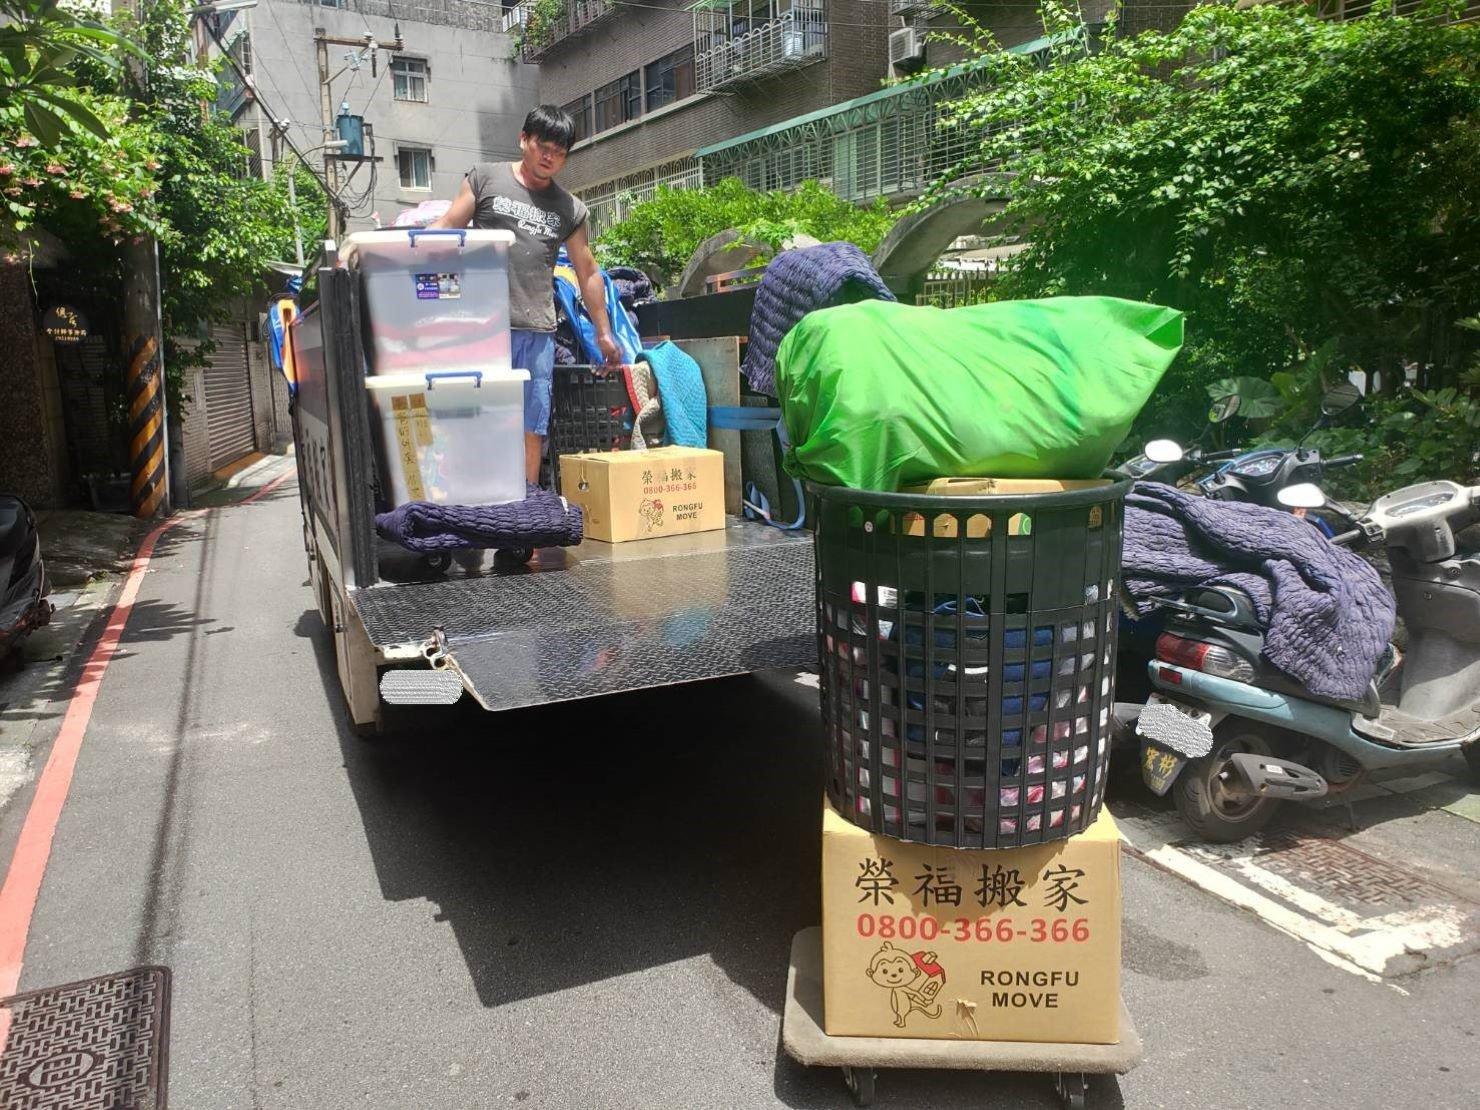 搬家公司【榮福搬家】優質搬家服務,值得您的信賴與選擇:榮福搬家也有黑色簍子可以提供顧客們暫放衣物或生活用品帶至新居唷。